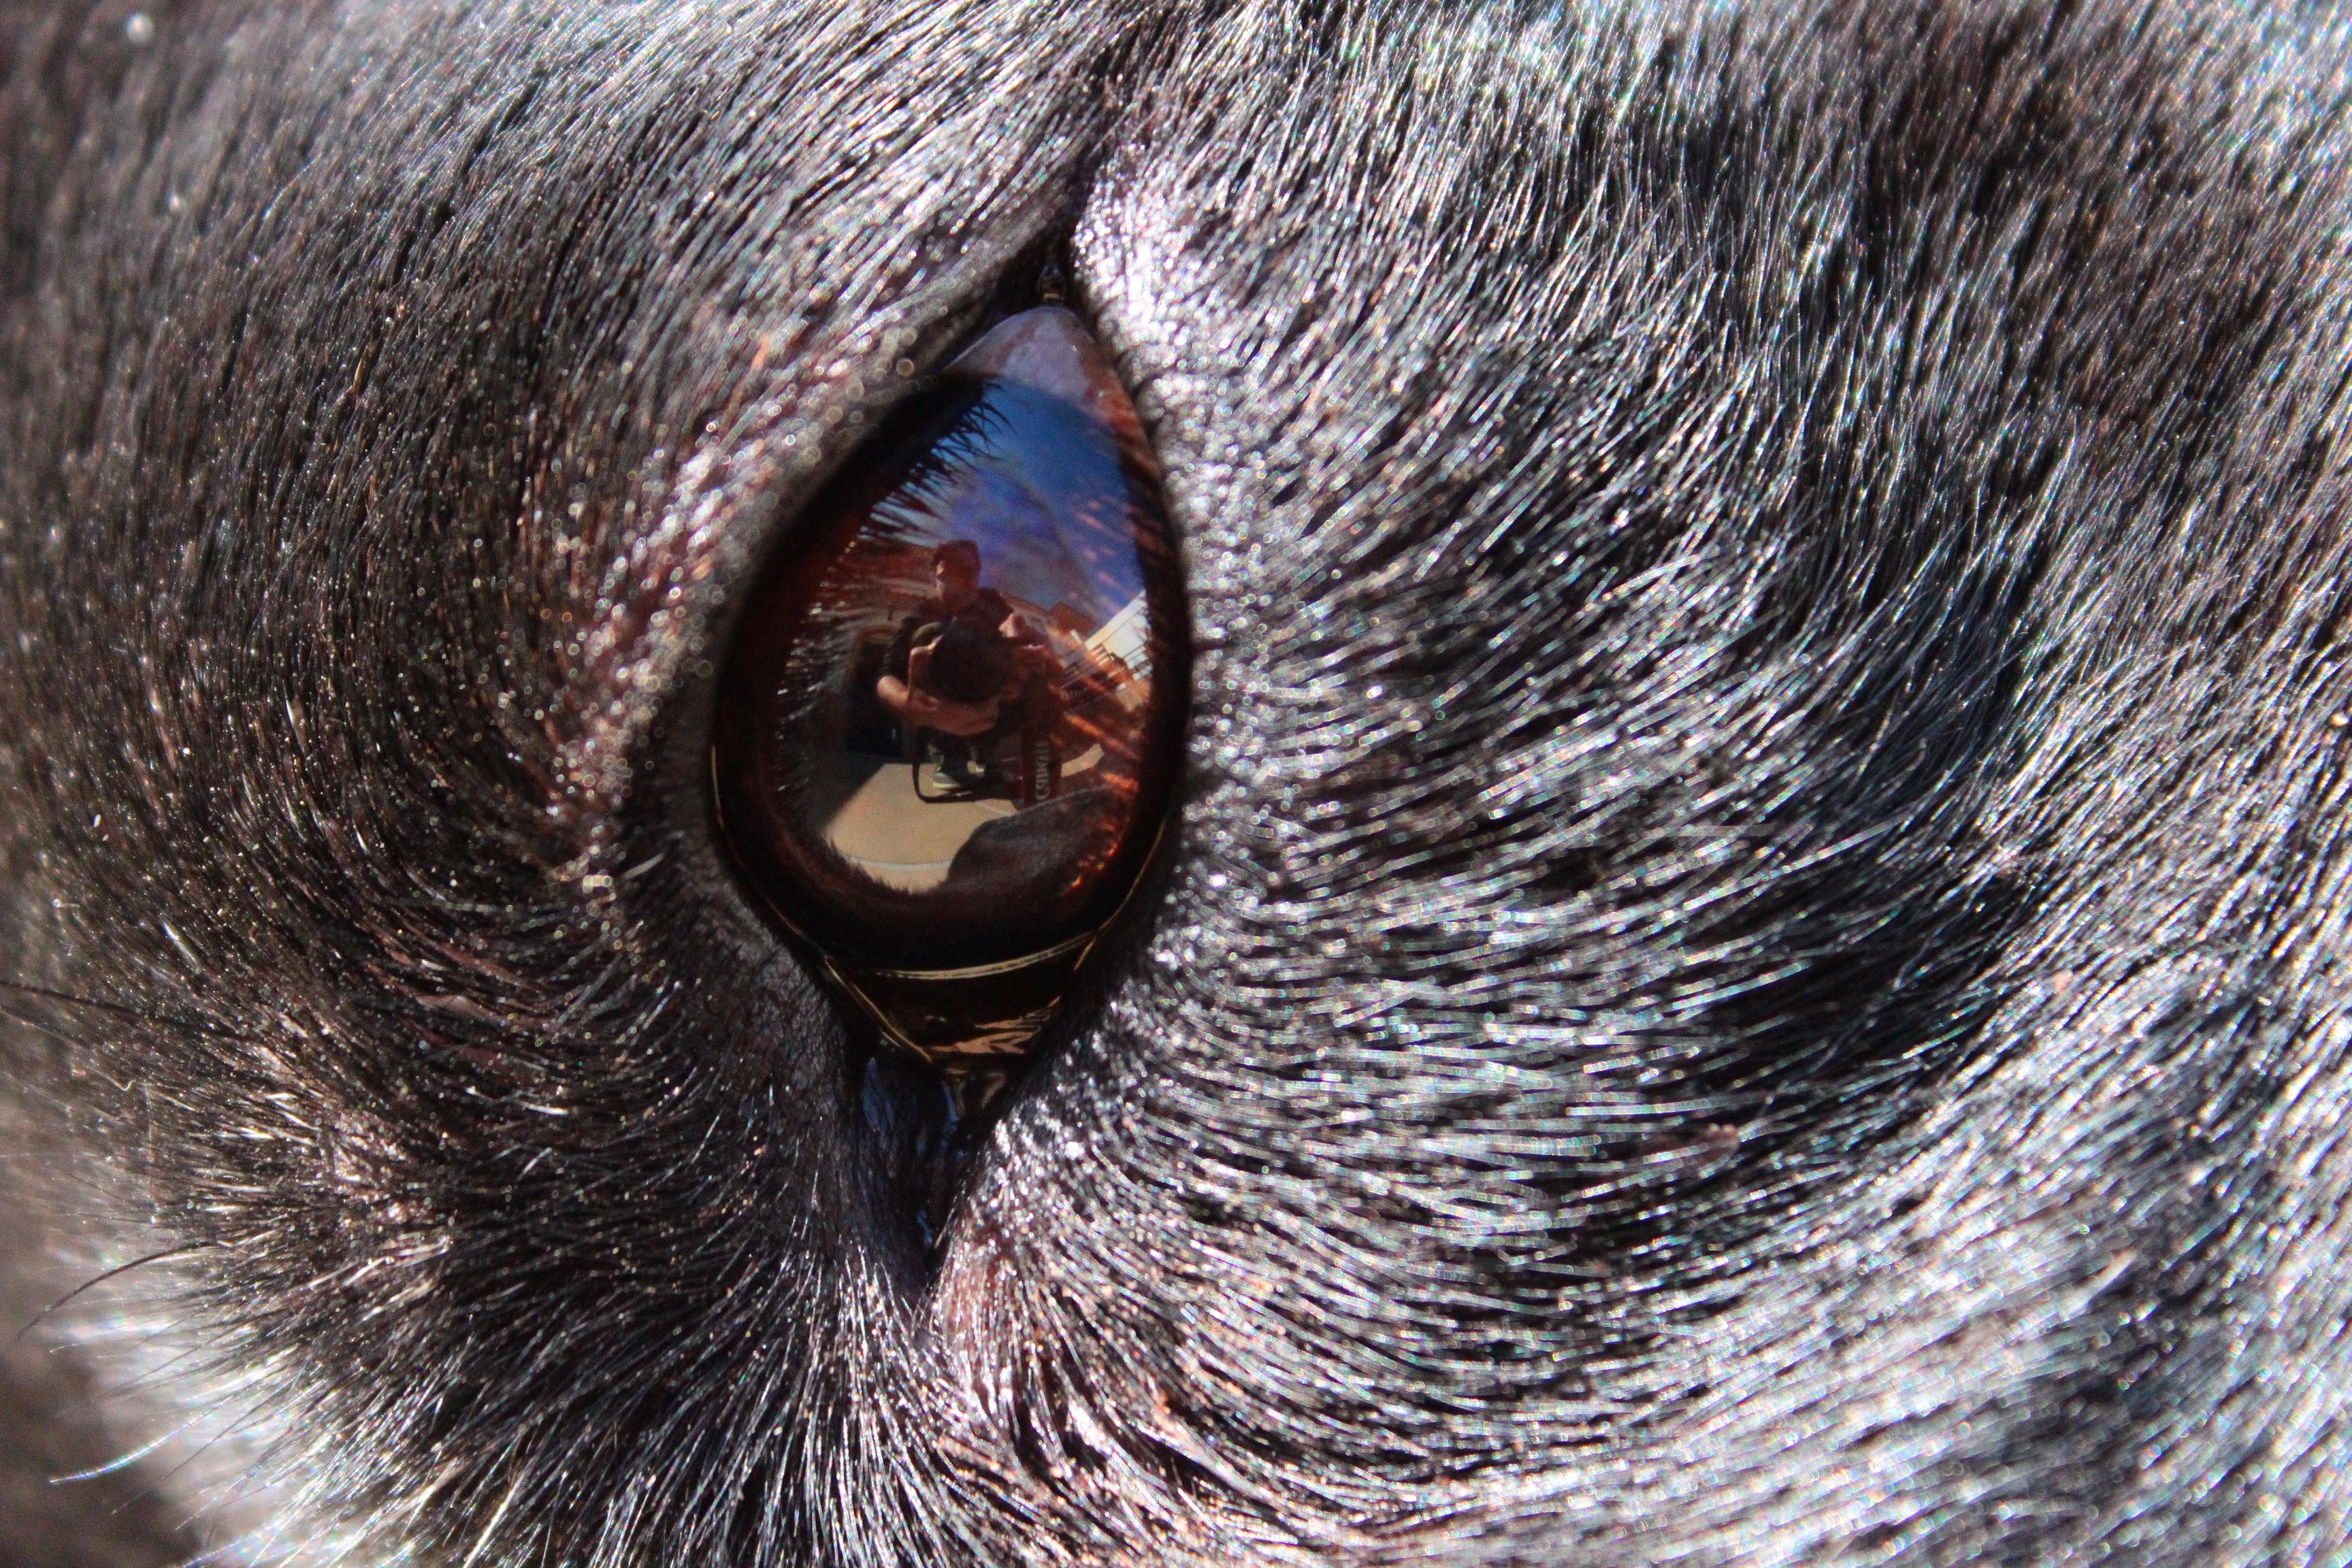 hårete svart tispe